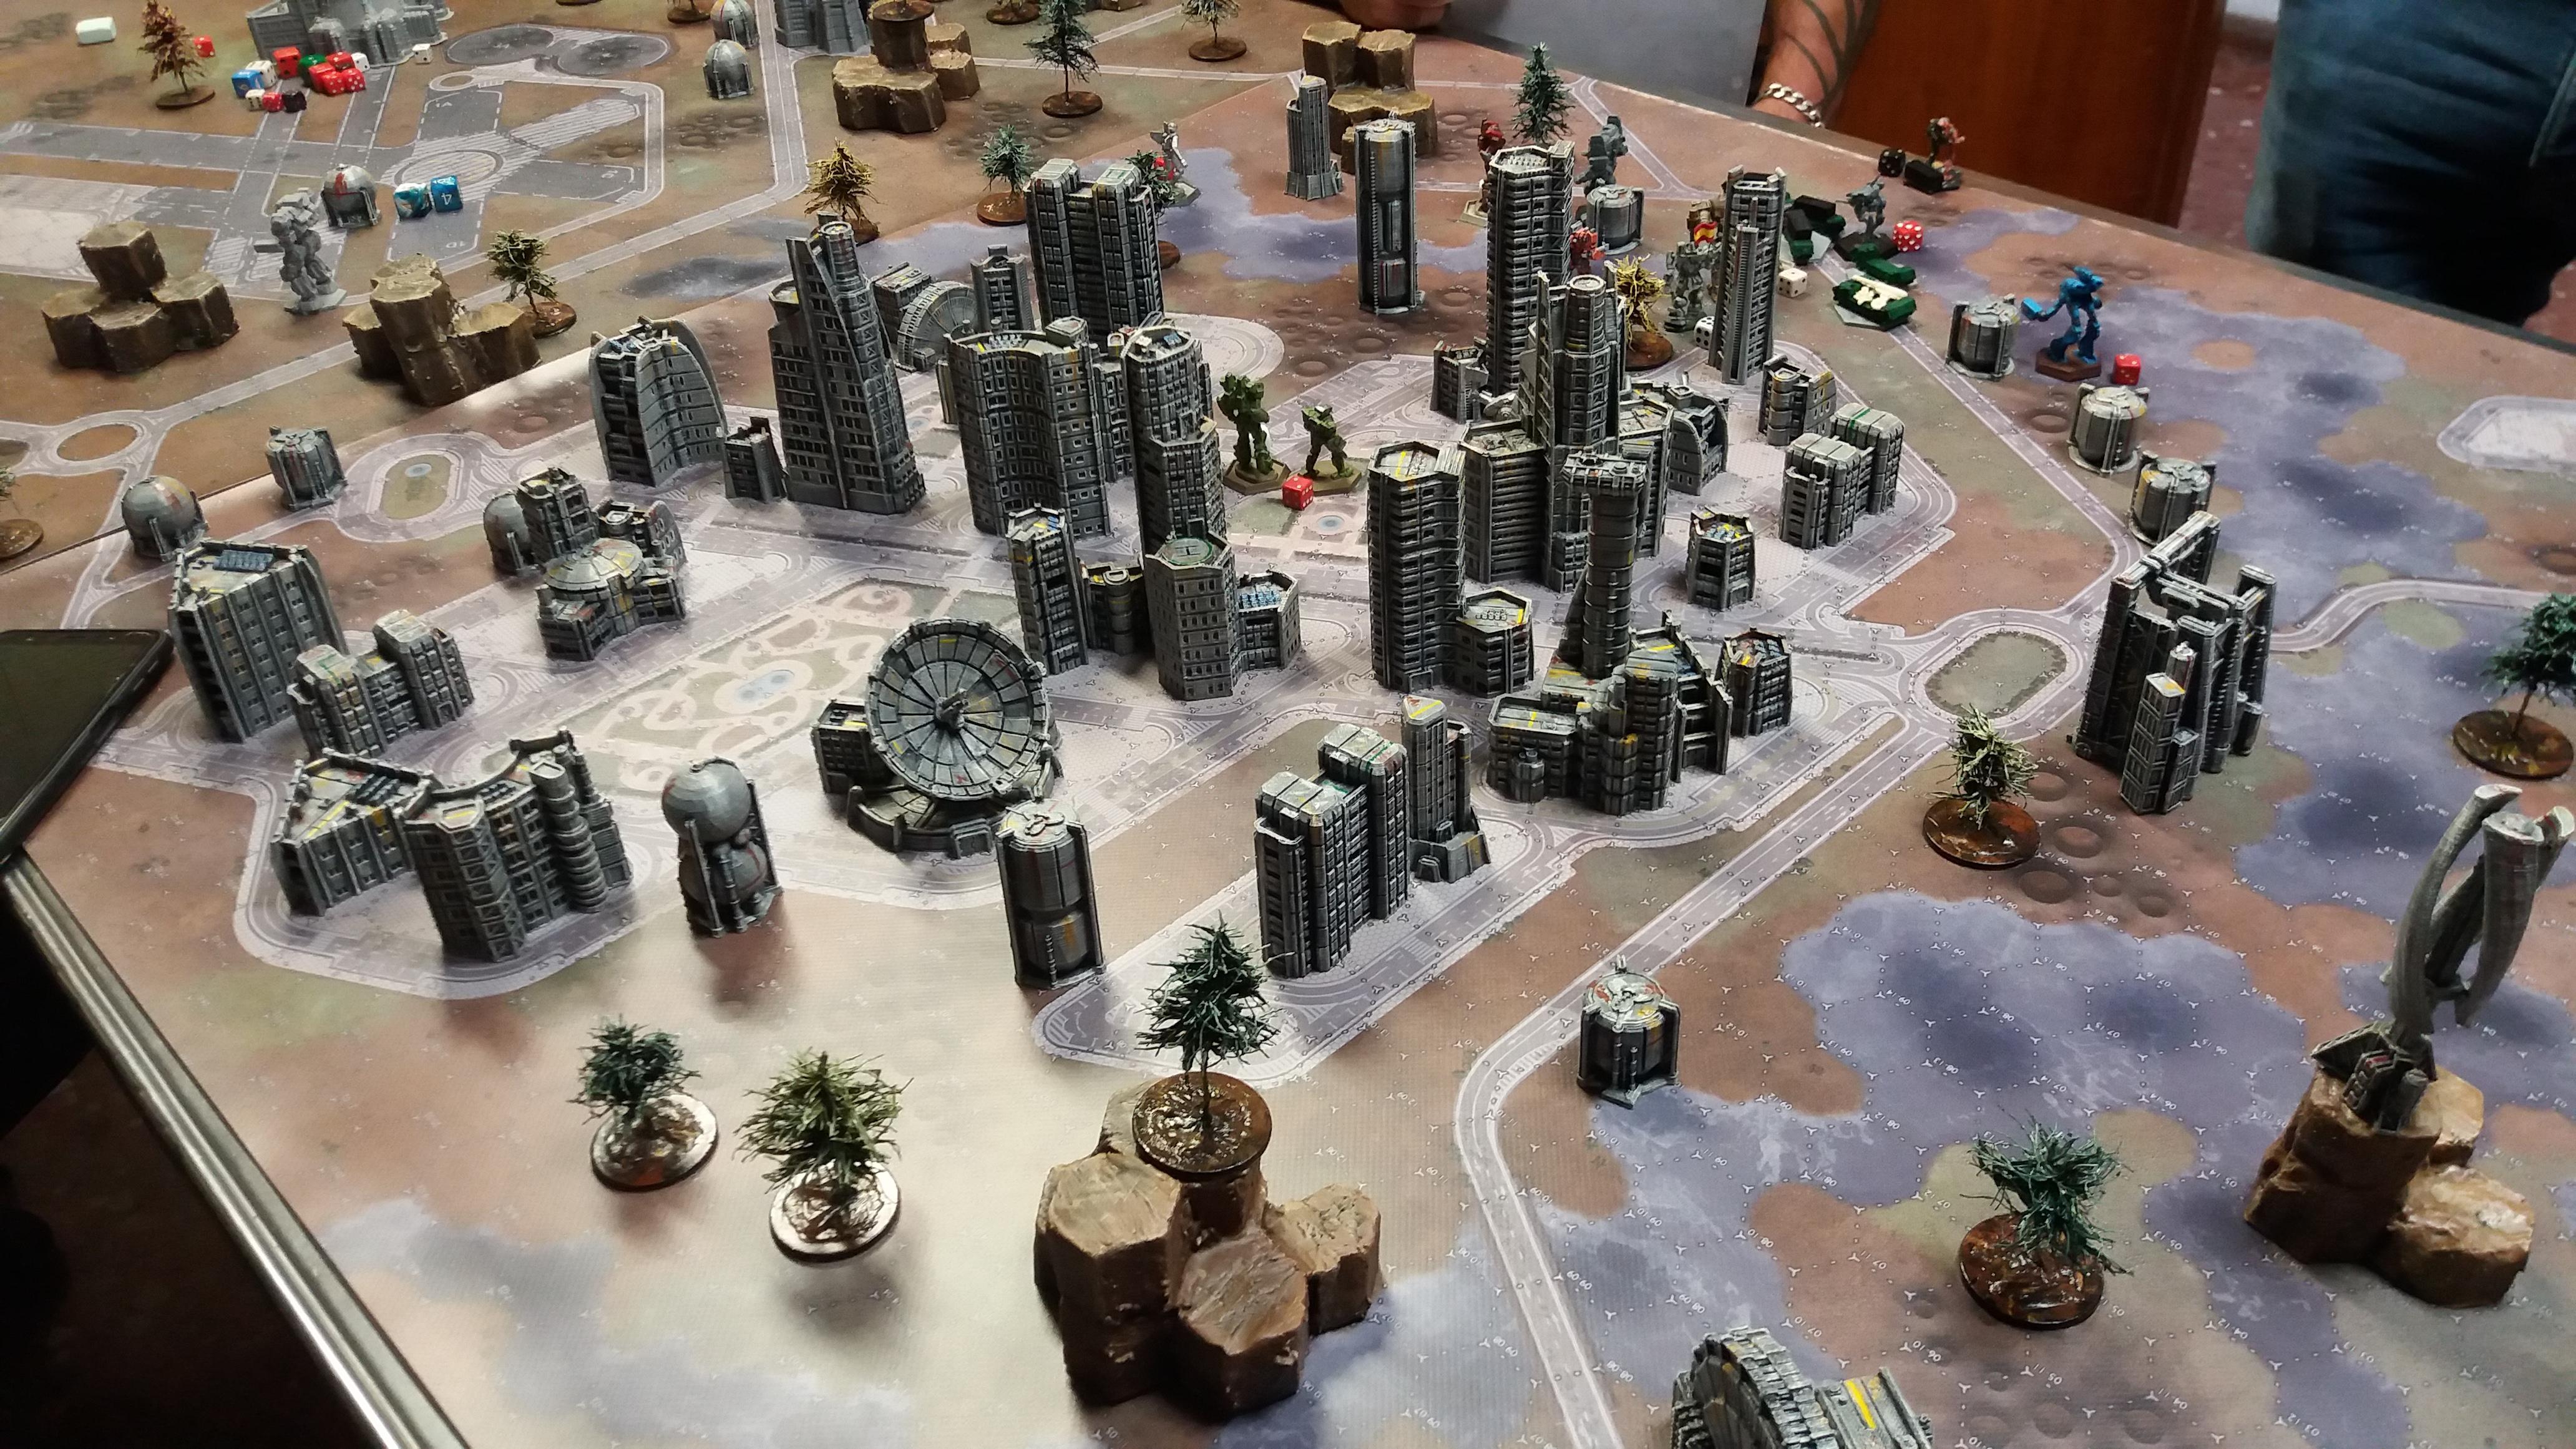 Battletech, City, Hex, Mech, Mechwarrior, Tabletop, Terrain, Terrain